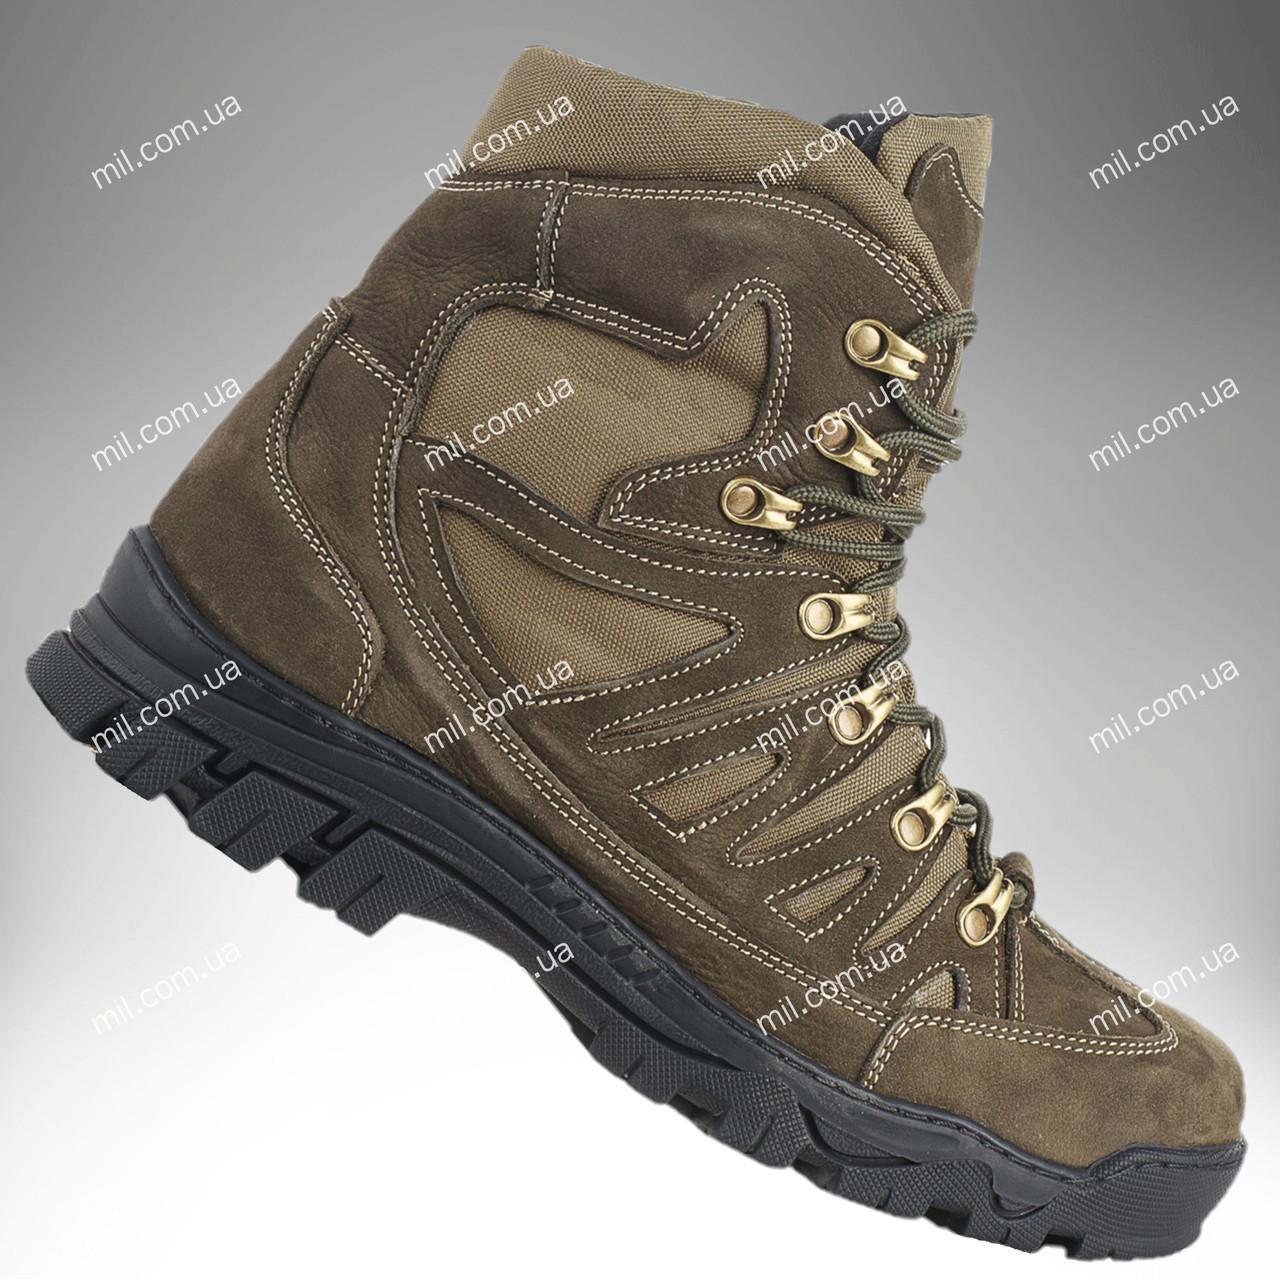 Ботинки тактические зимние / военная, армейские обувь КАСКАД (оливковый)